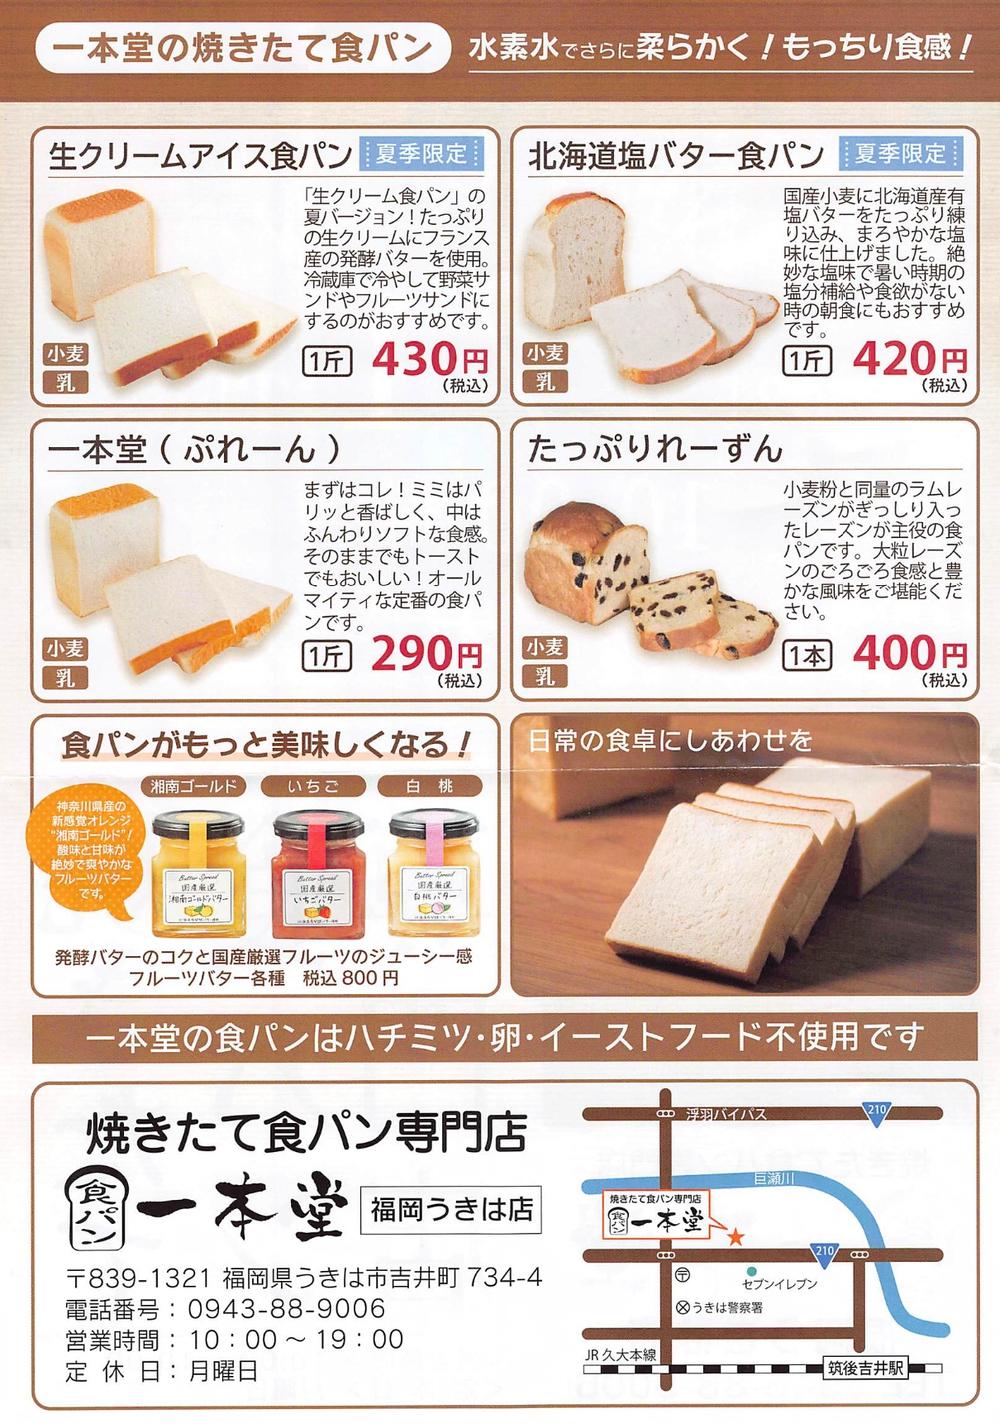 一本堂 福岡うきは店 焼きたて食パン専門店が7月1日オープン【うきは市】商品ラインナップ